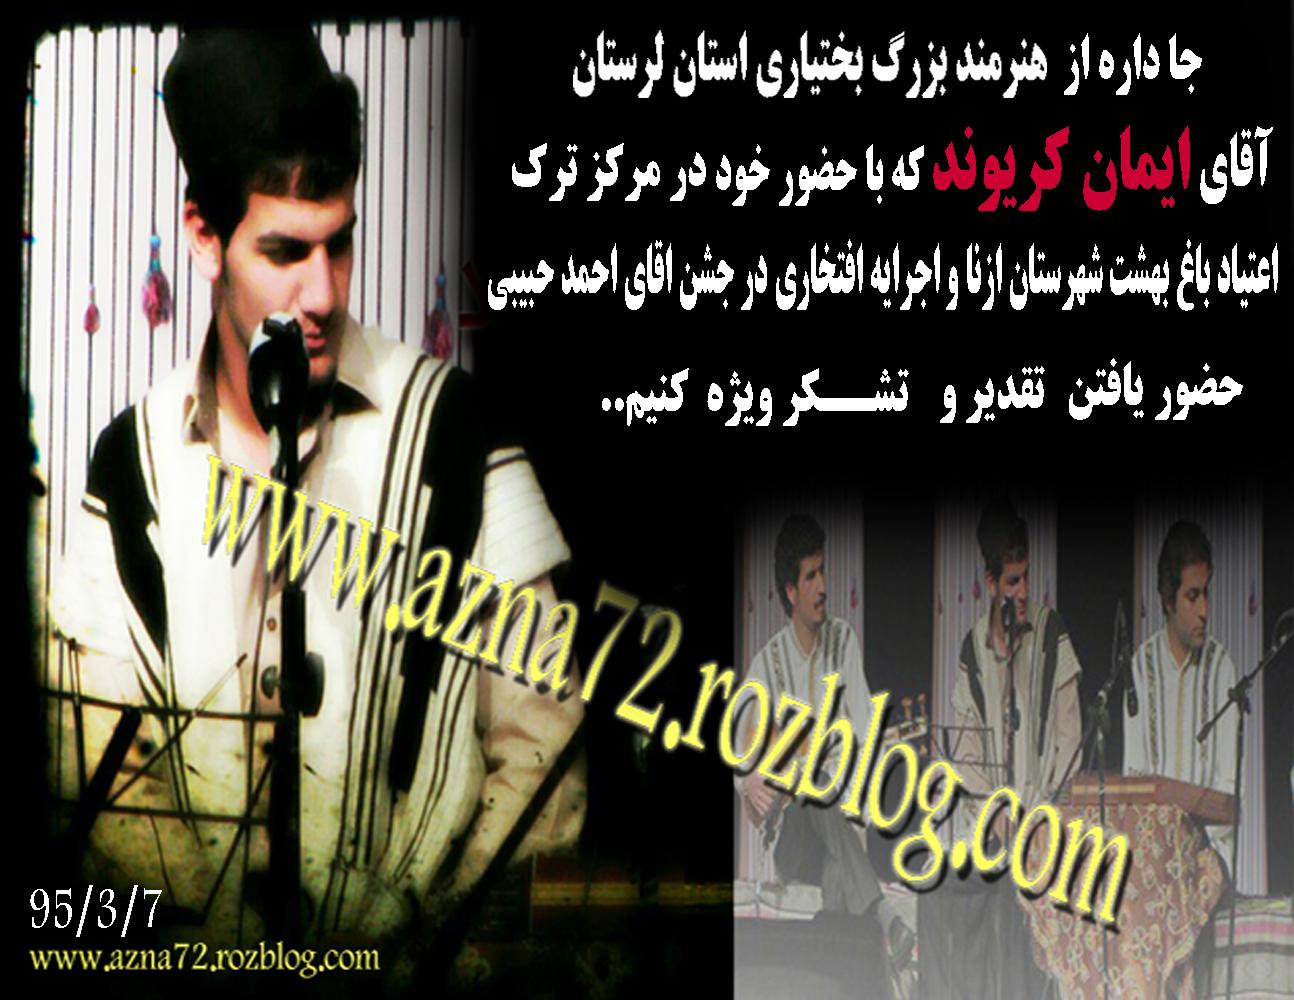 نمایش پست :تقدیر و تشکر ویژه از هنرمند بزرگ بختیاری استان لرستان اقای ایمان کریوند